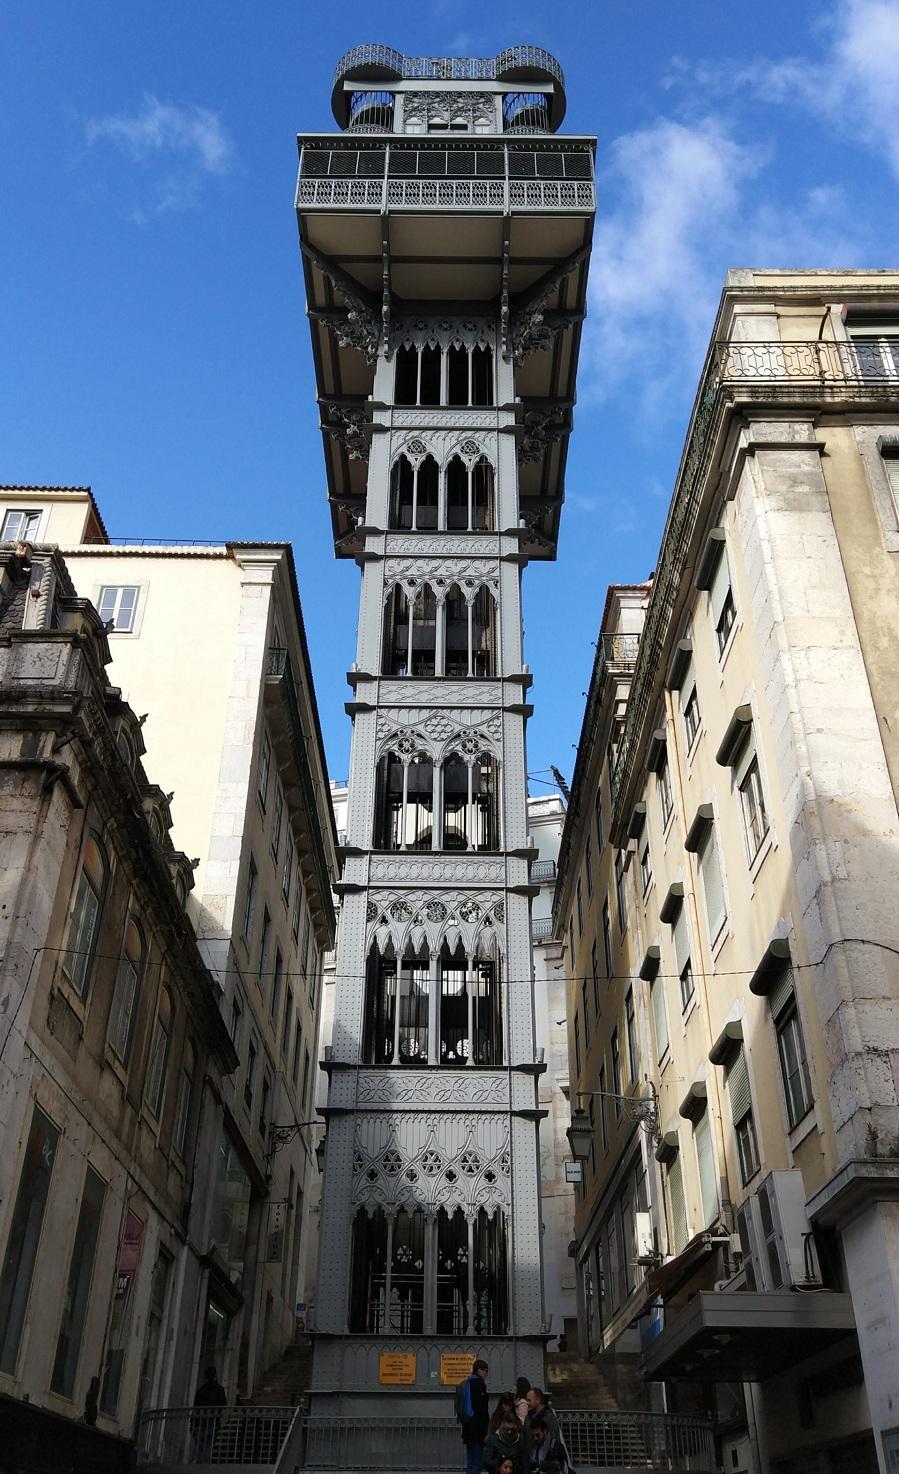 06.Лифт Санта Жушта — является частью транспортной сети Лиссабона